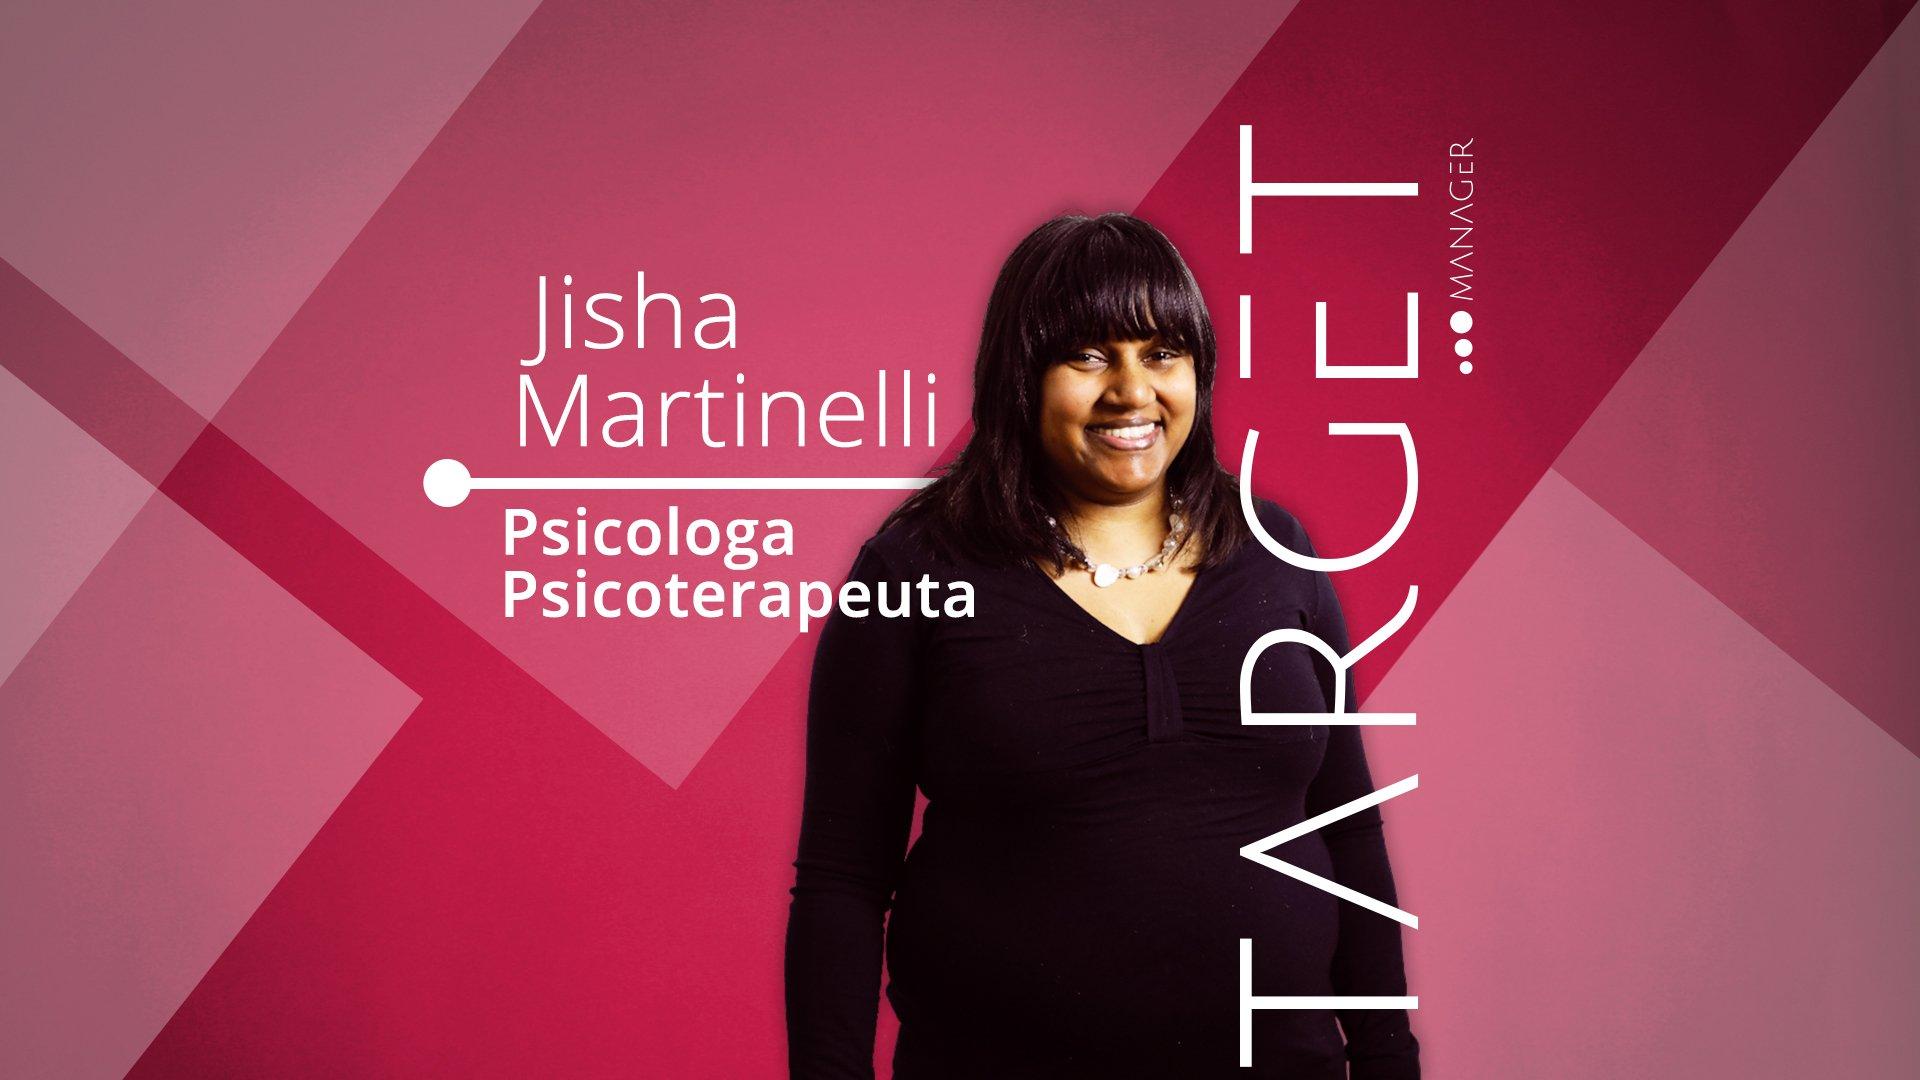 Jisha Martinelli